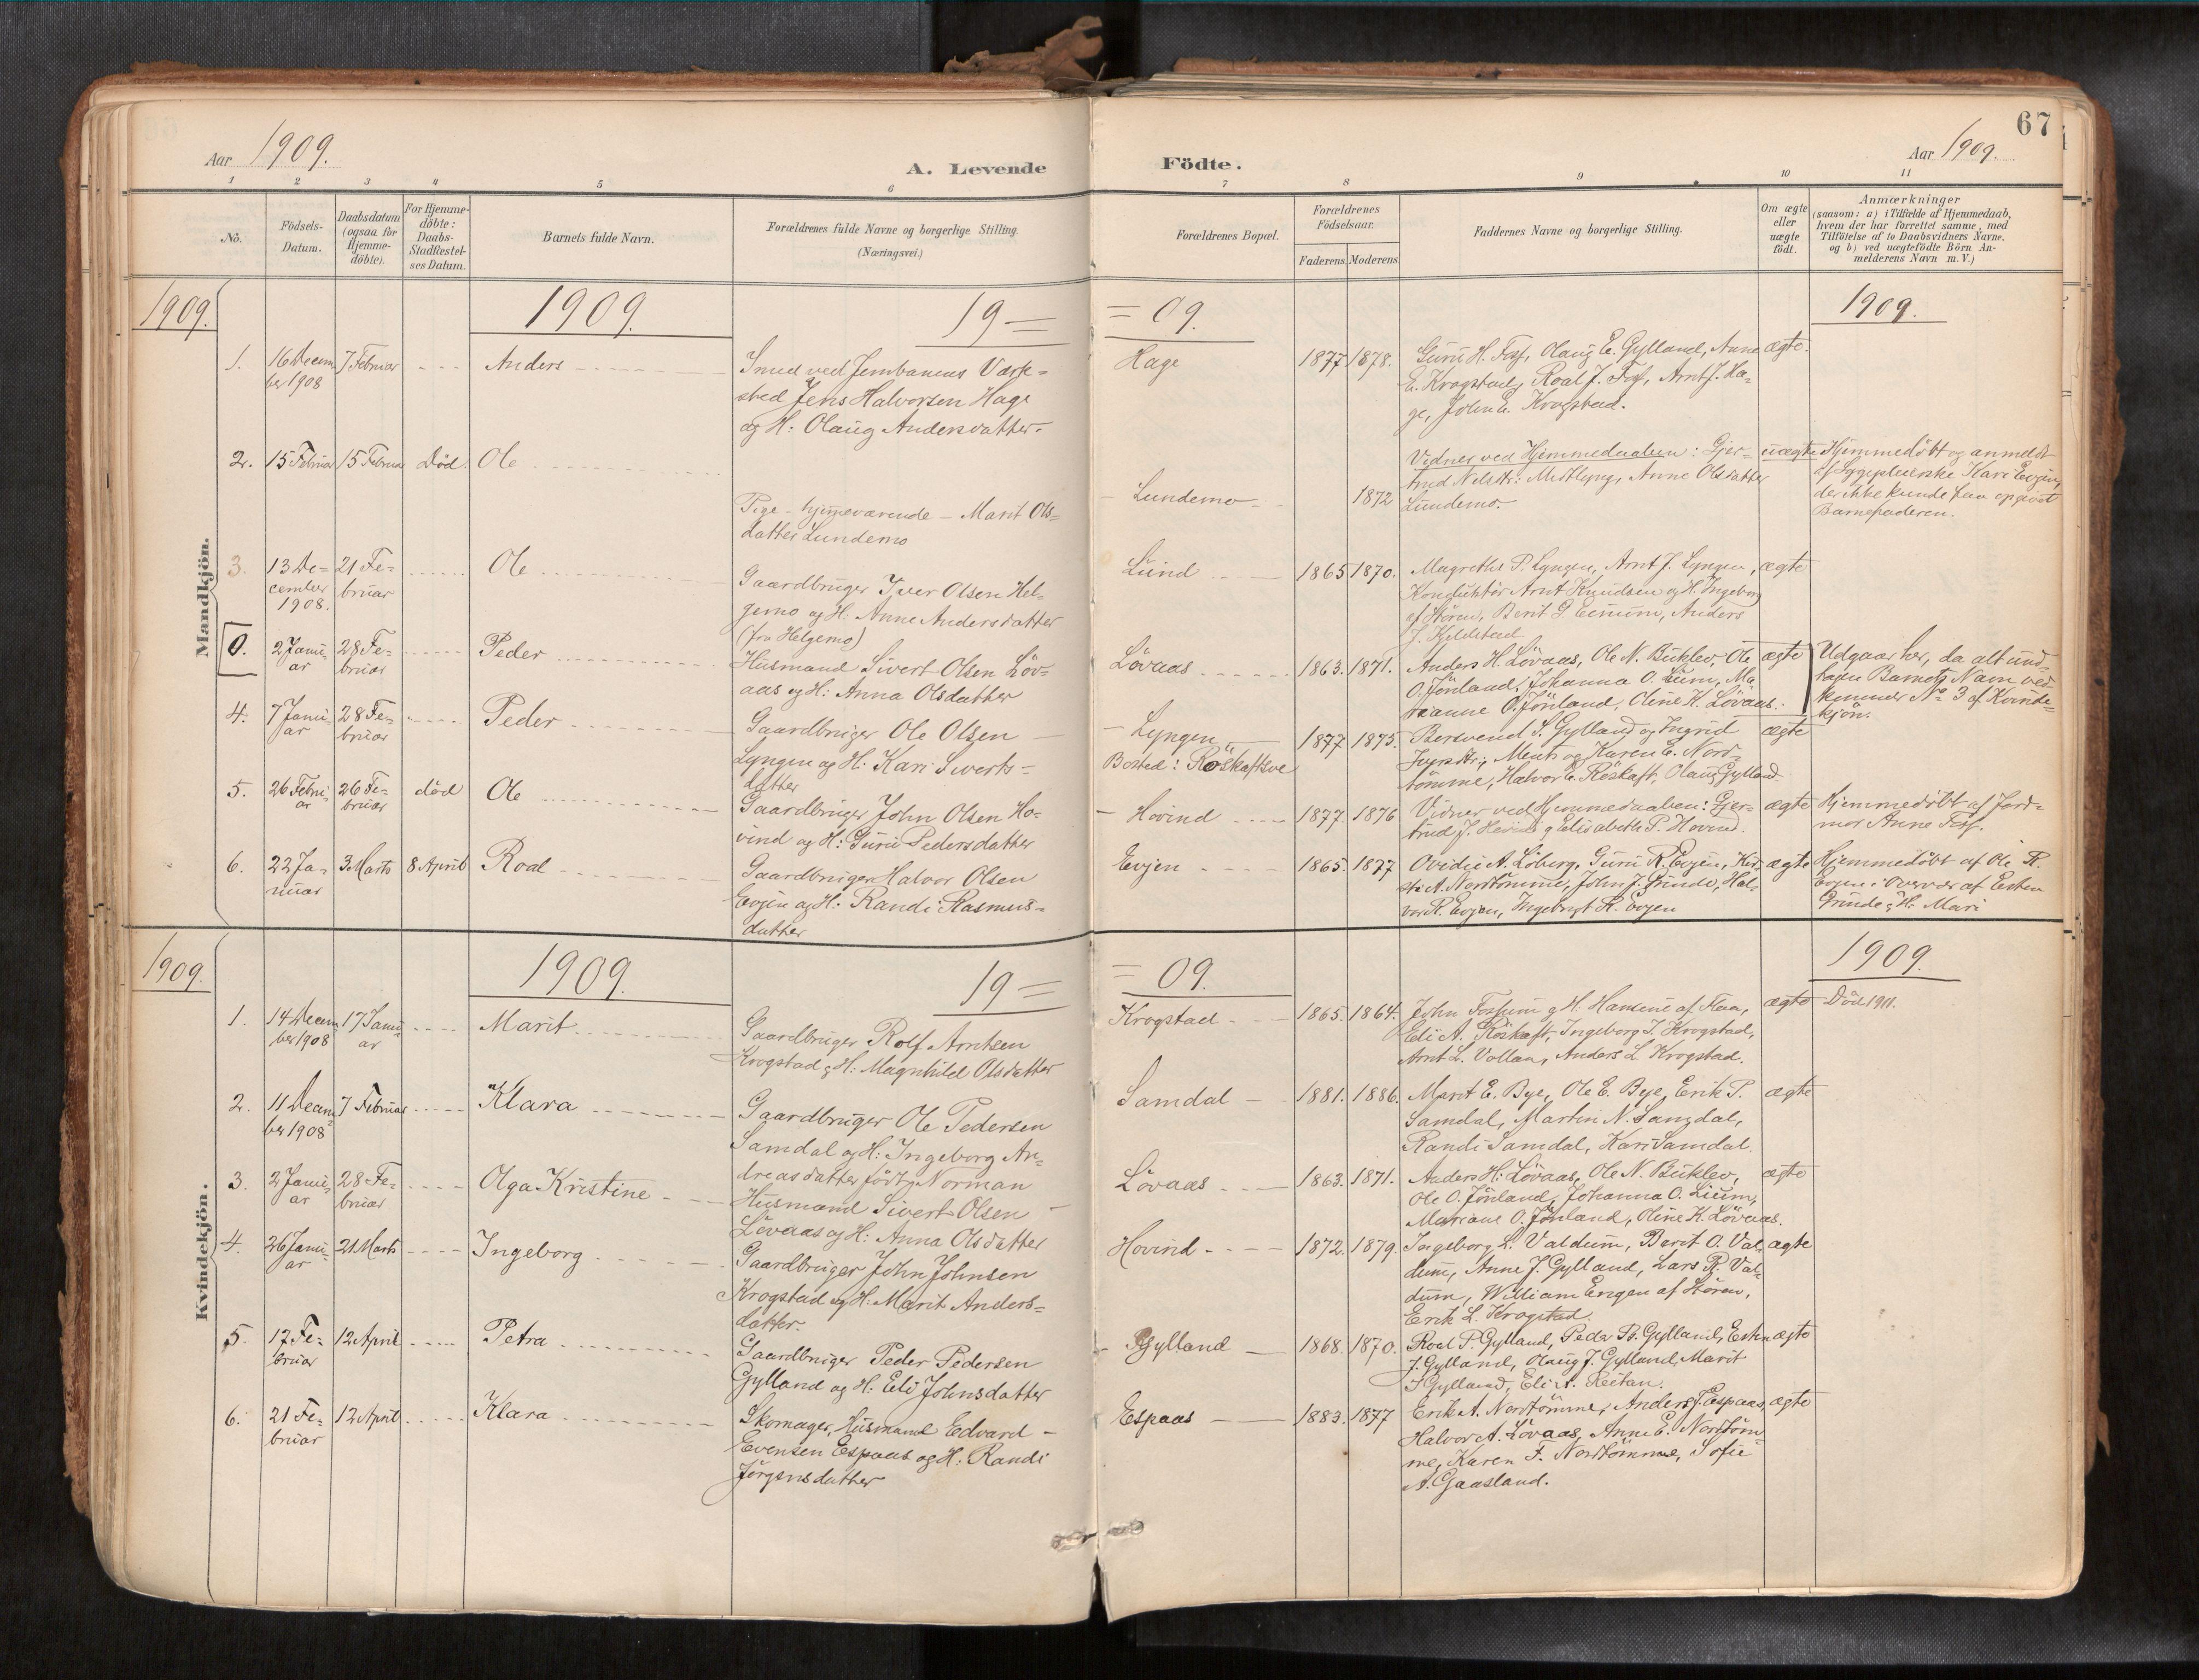 SAT, Ministerialprotokoller, klokkerbøker og fødselsregistre - Sør-Trøndelag, 692/L1105b: Ministerialbok nr. 692A06, 1891-1934, s. 67